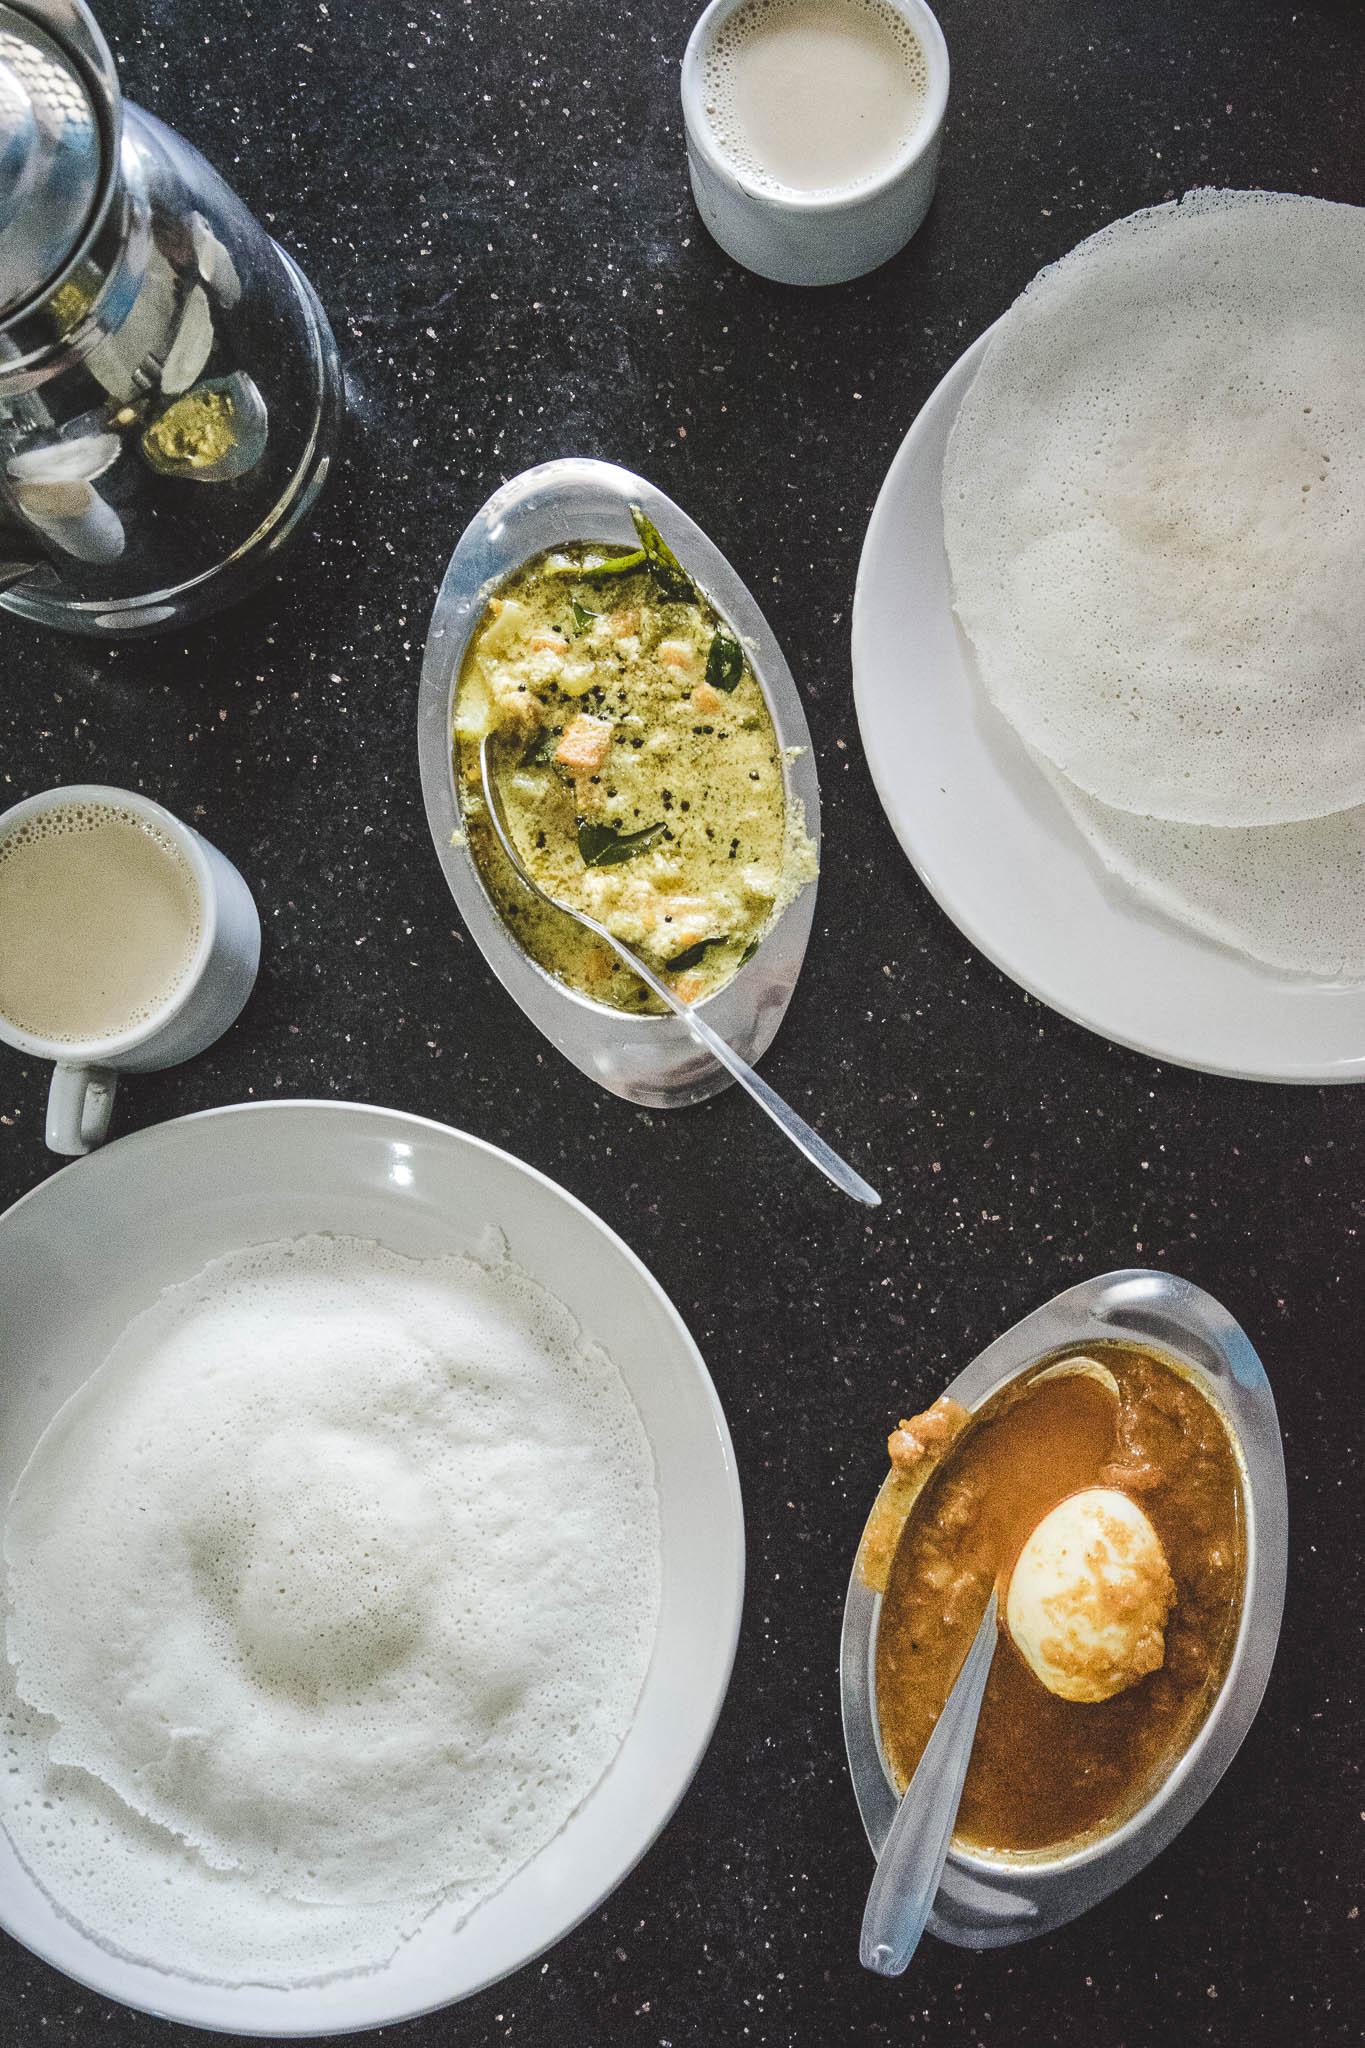 u góry warzywne curry, a na dole jajo w pikanym sosie - egg curry